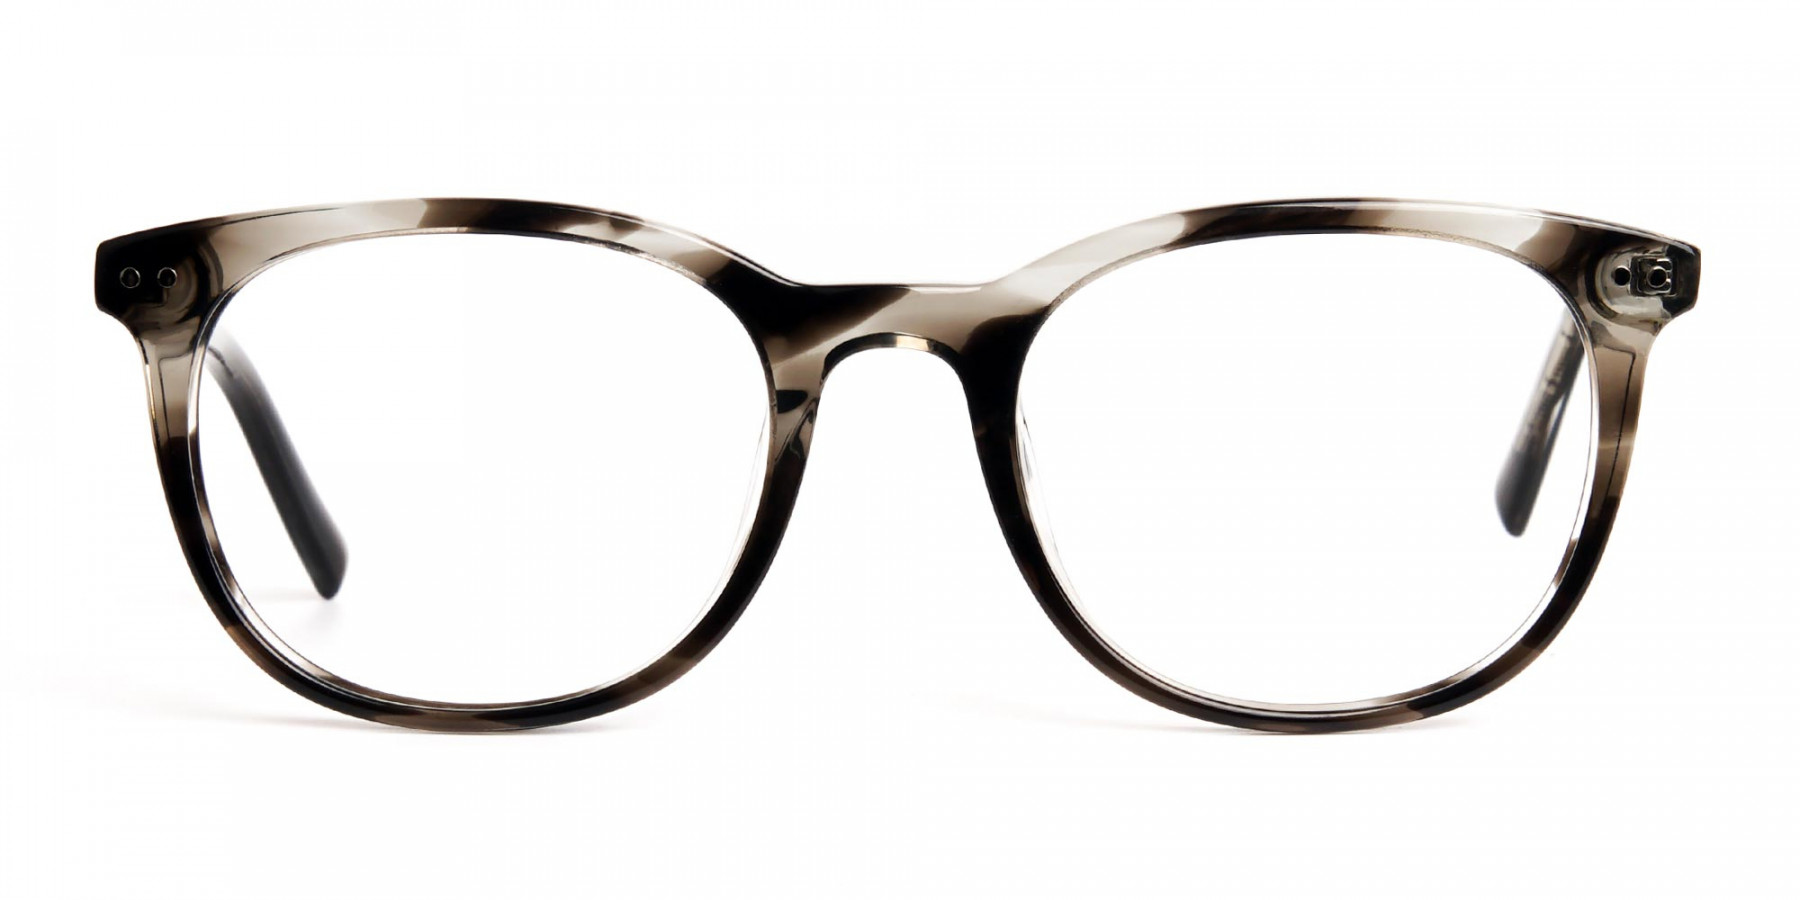 grey-tortoise-shell-wayfarer-round-full rim-glasses-frames -1